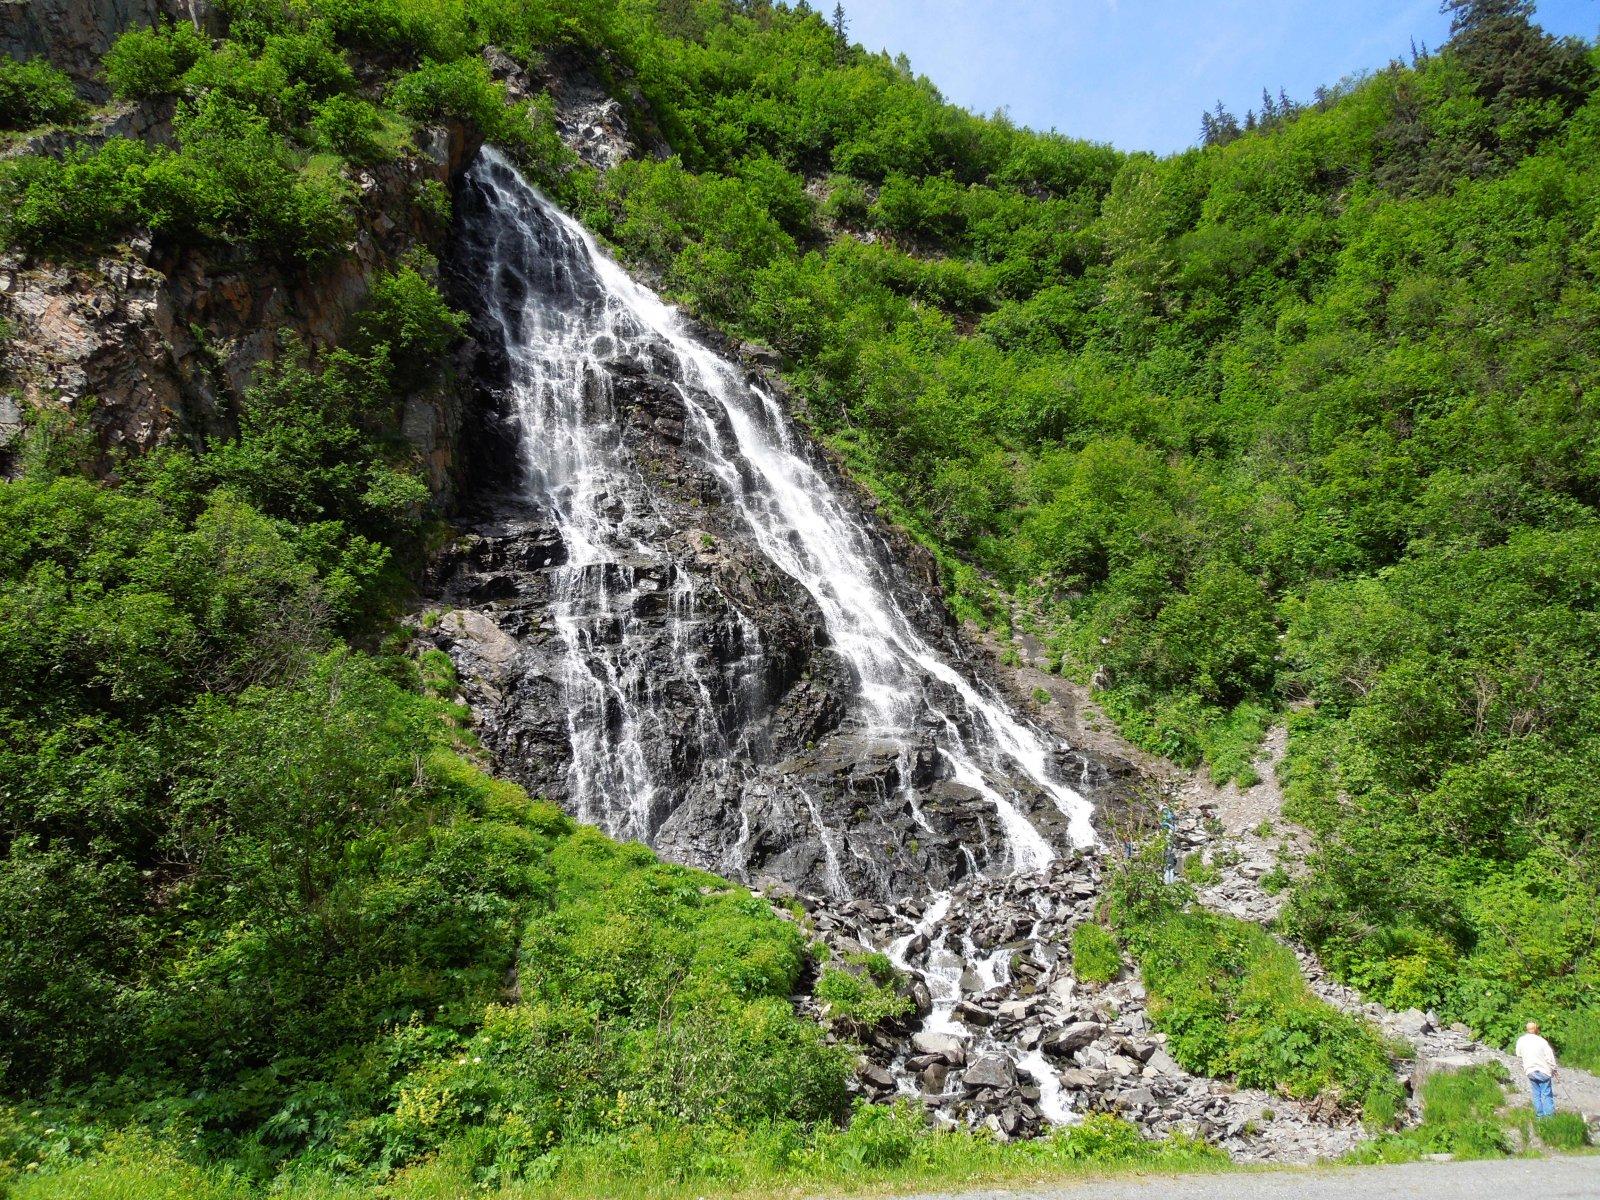 Click image for larger version  Name:Glennallen to Valdez 125.jpg Views:64 Size:792.8 KB ID:215344